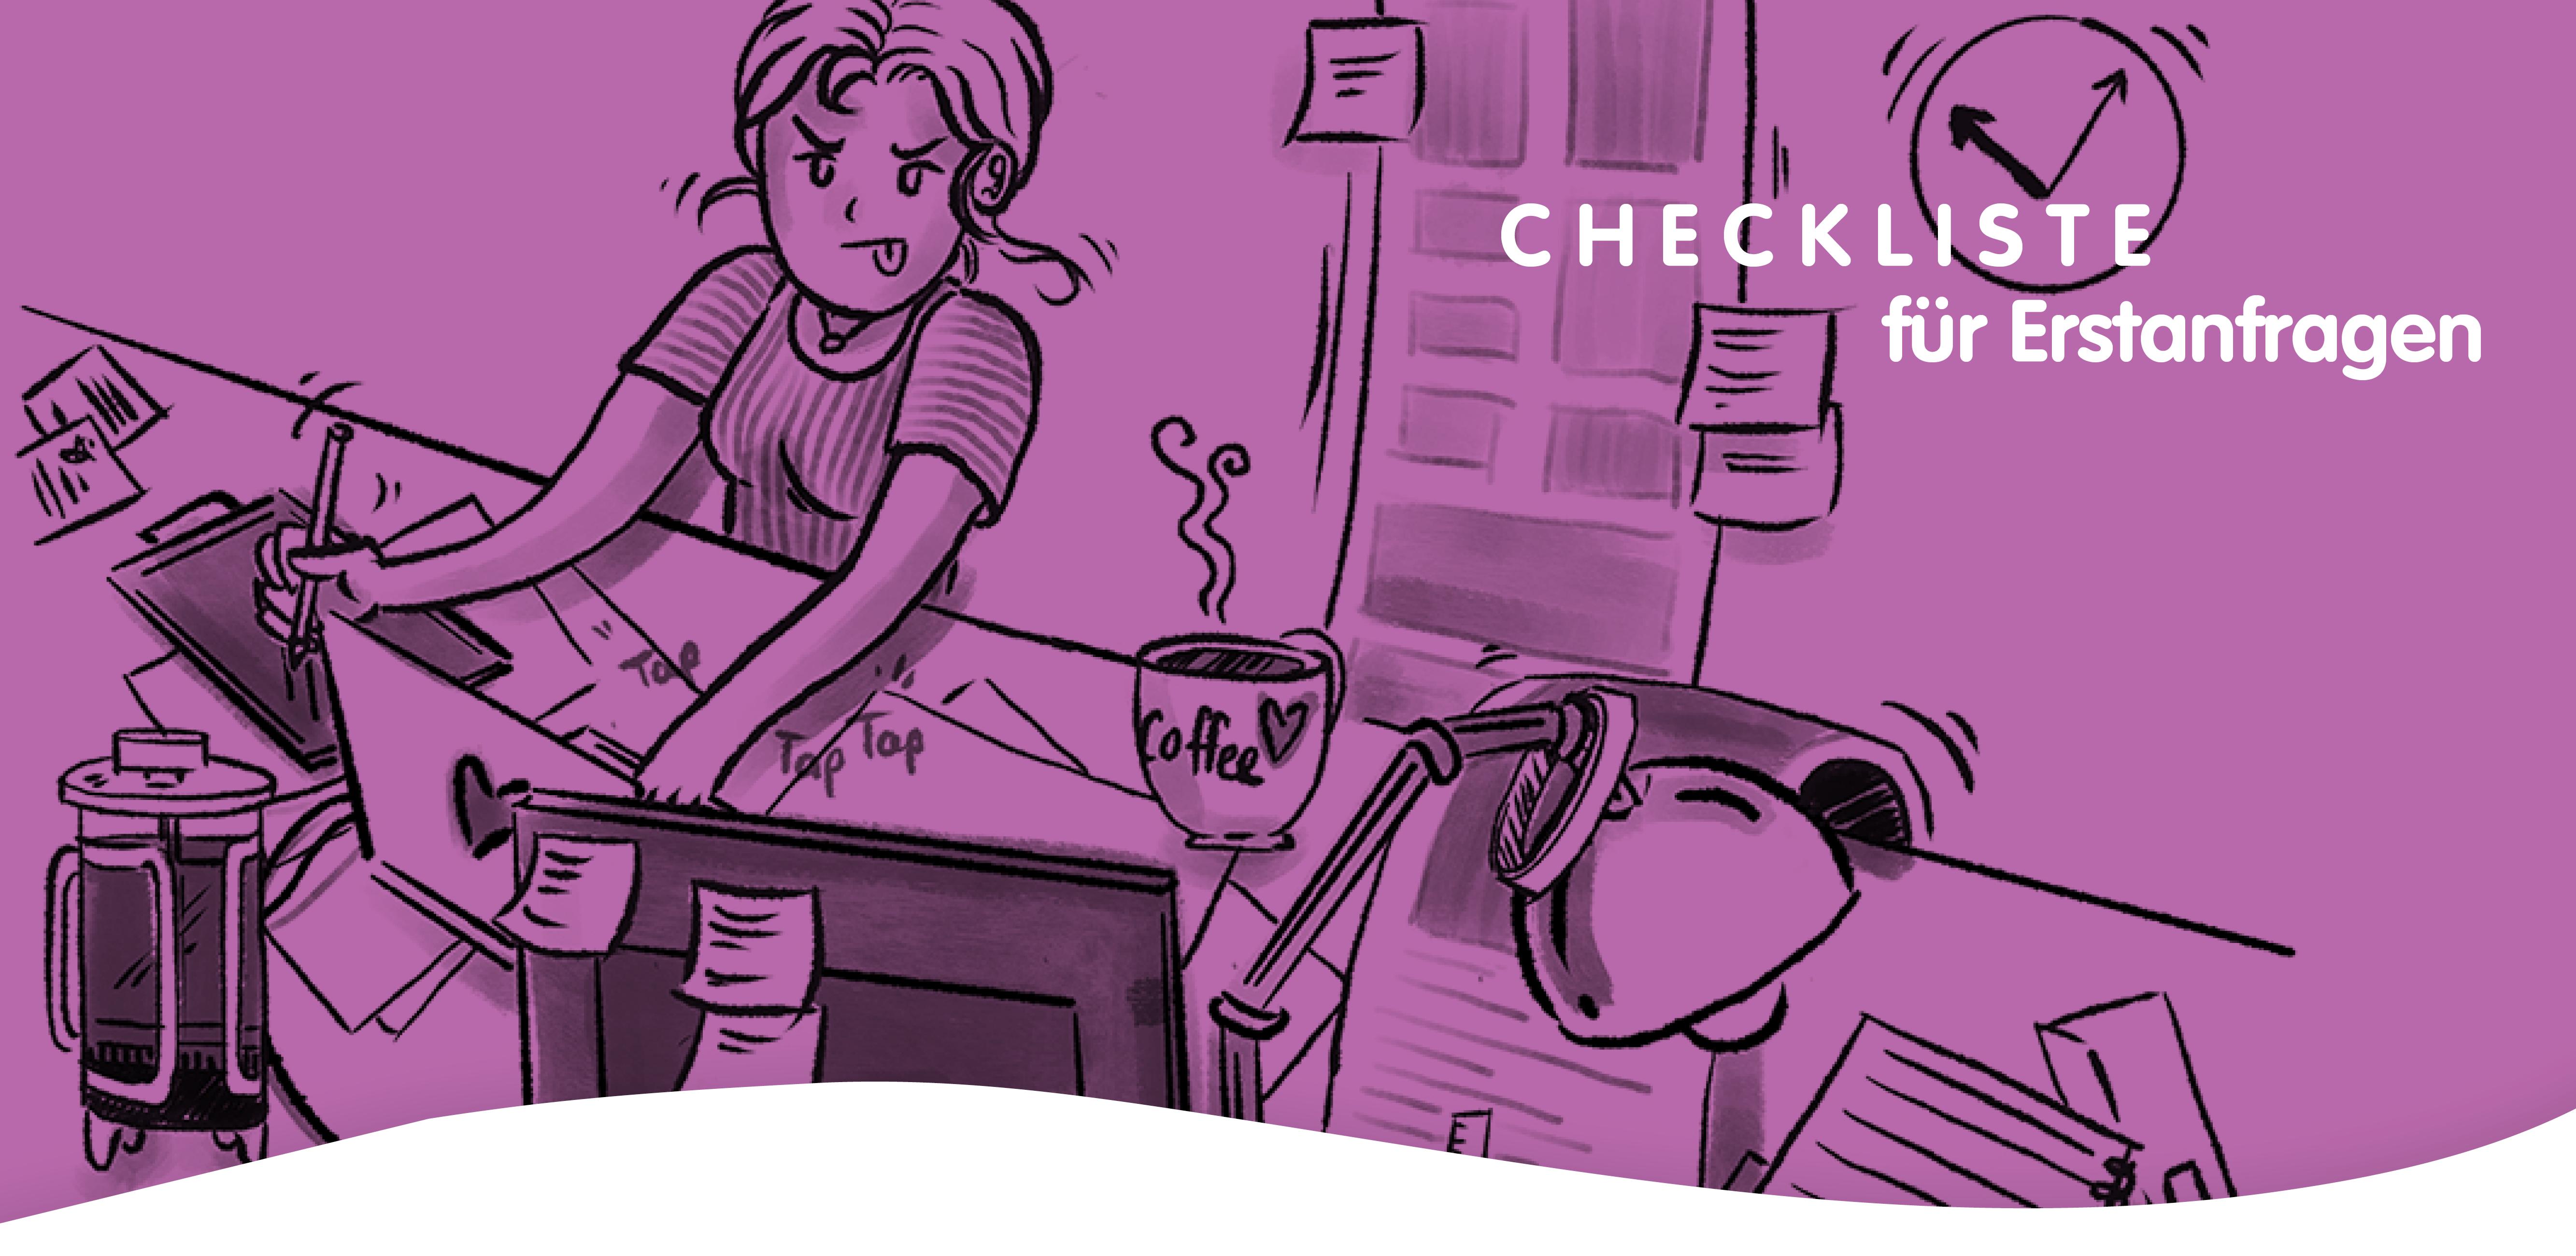 01_Header Blog_Checkliste Erstanfragen_MEAU DESIGN_Melanie Austermann_Illustration_Grafikdesign